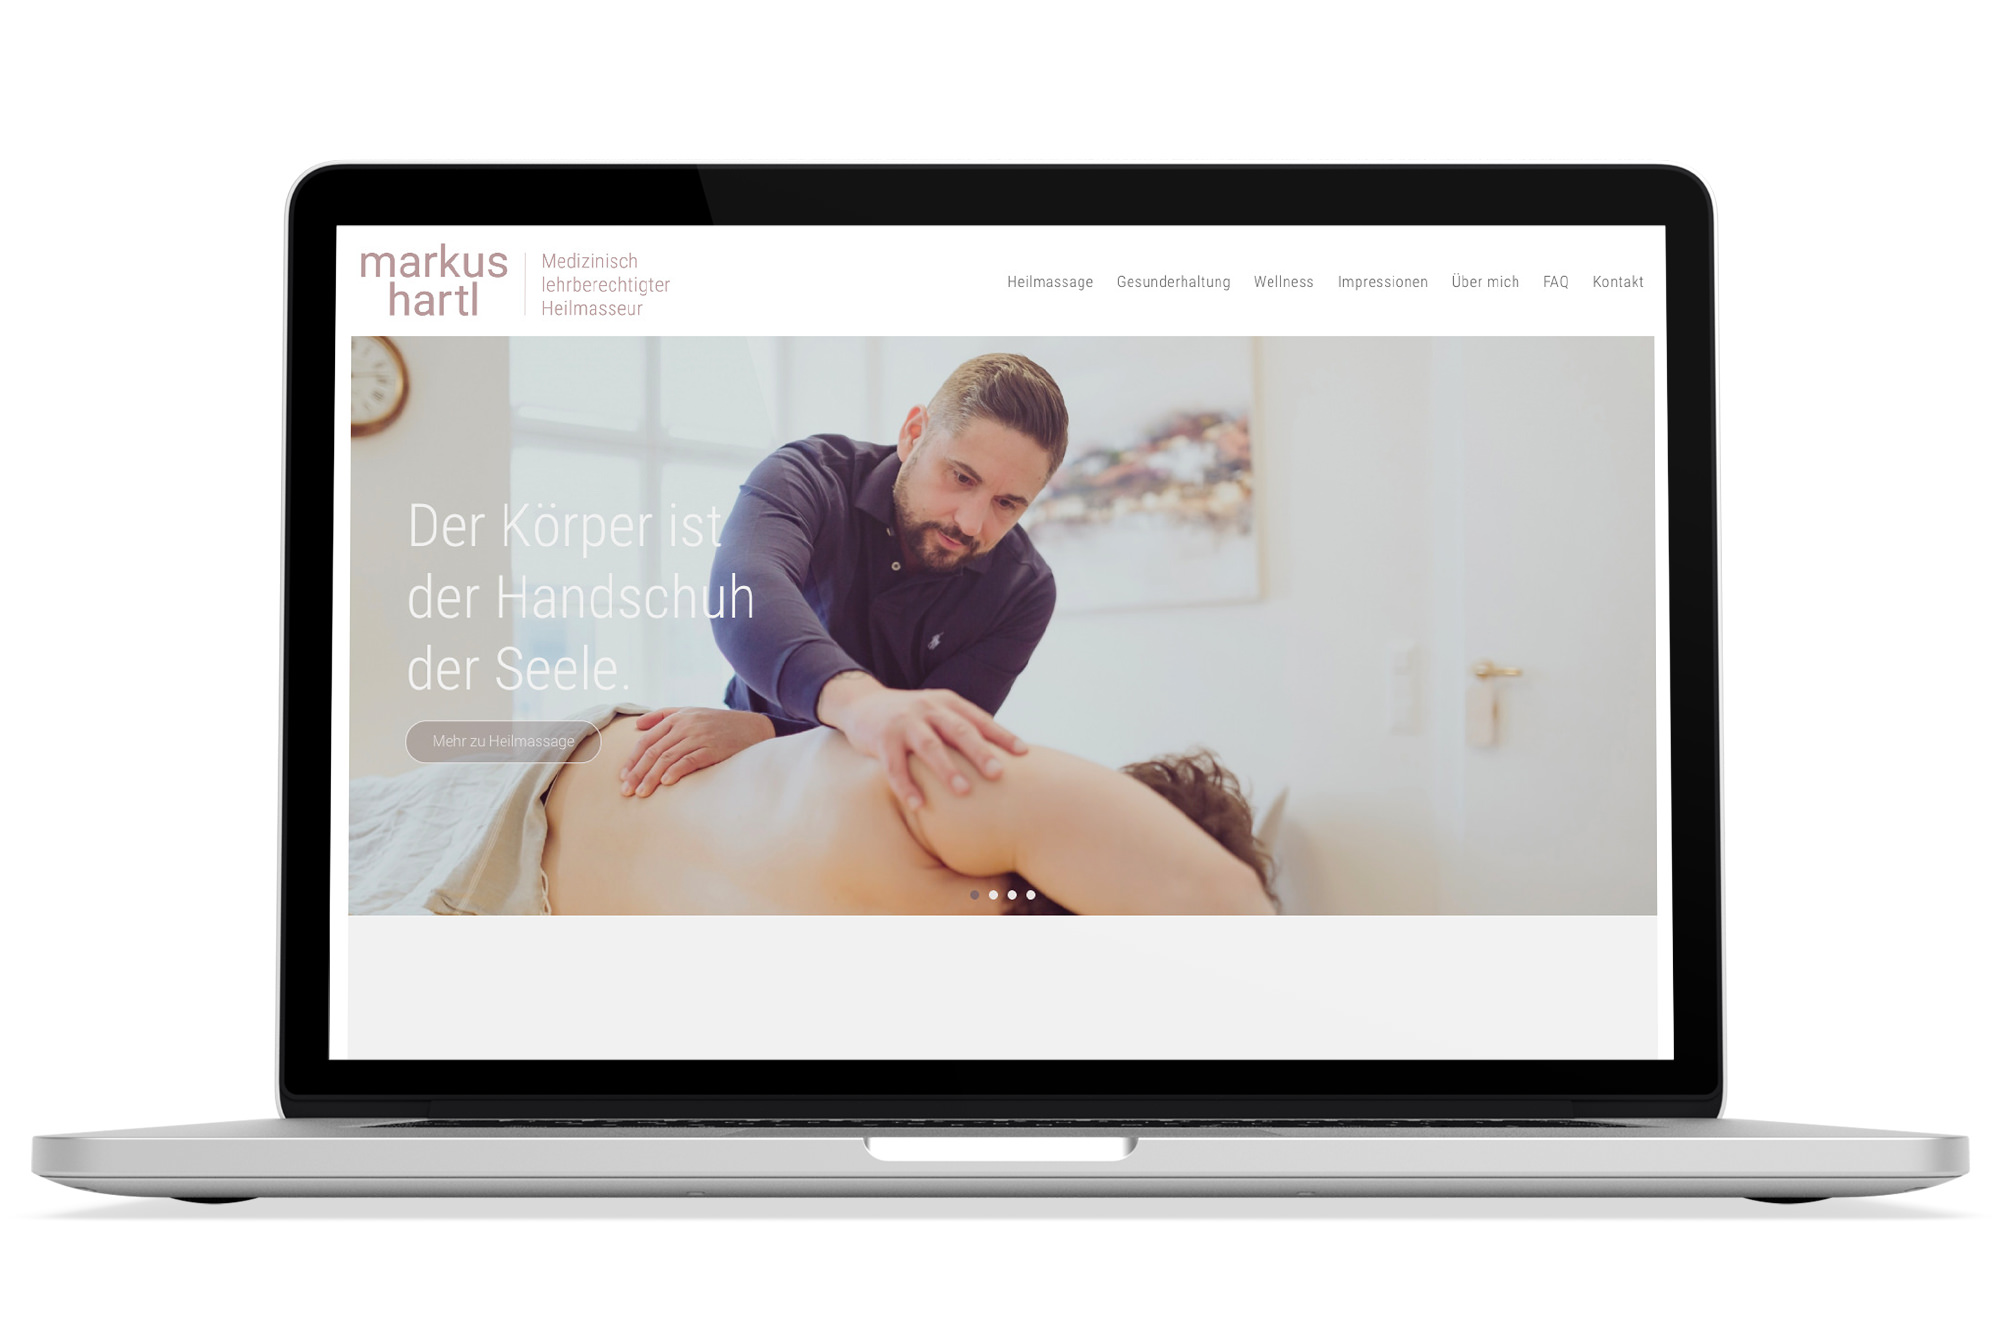 Webdesign Beispiel: Logodesign, Responsive Webdesign, SEO für Massage 1060 Wien